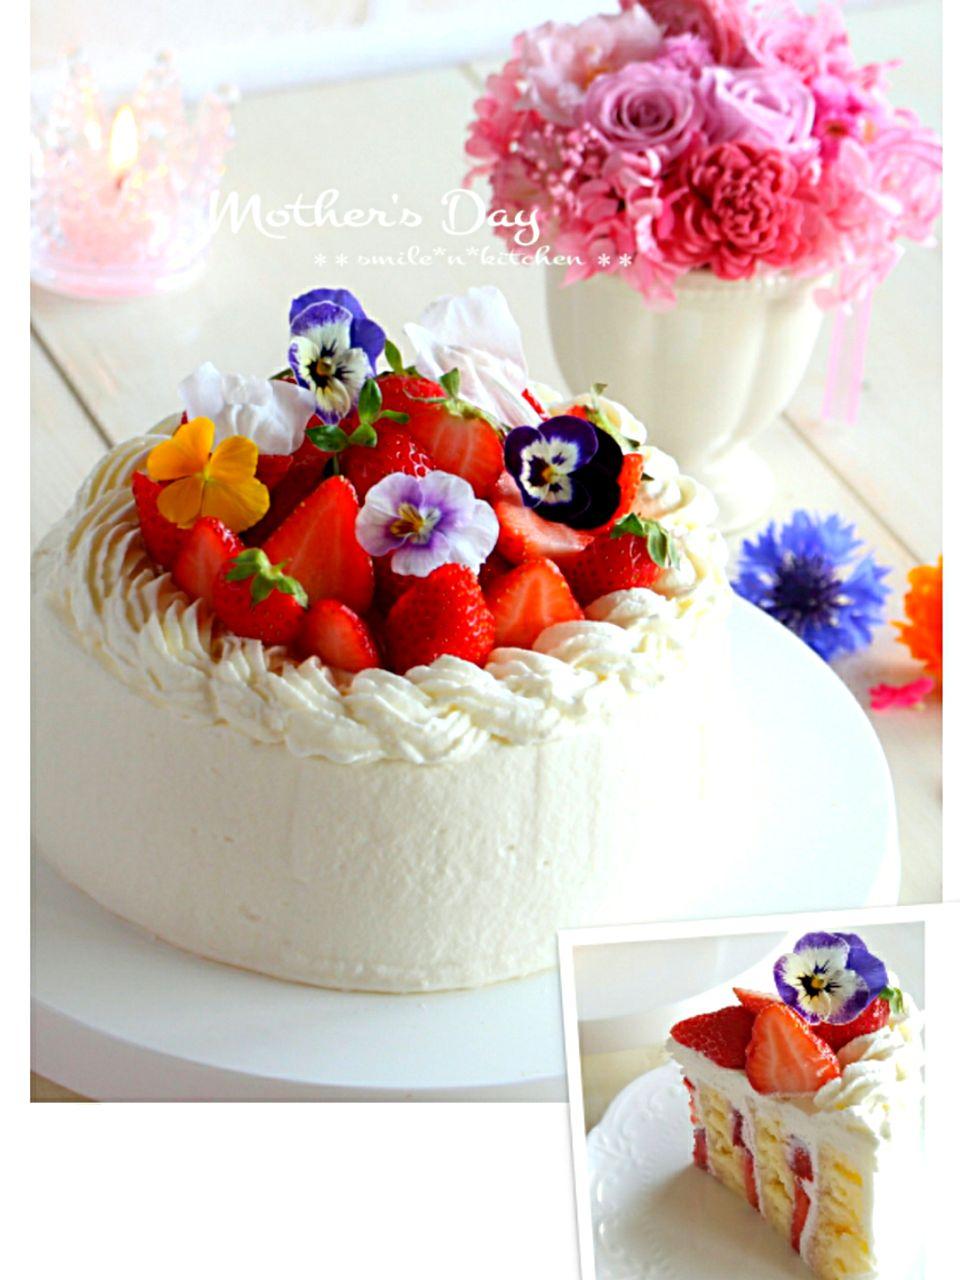 苺のショートケーキ(ストライプケーキ)🌼母の日 SnapDish 料理カメラ